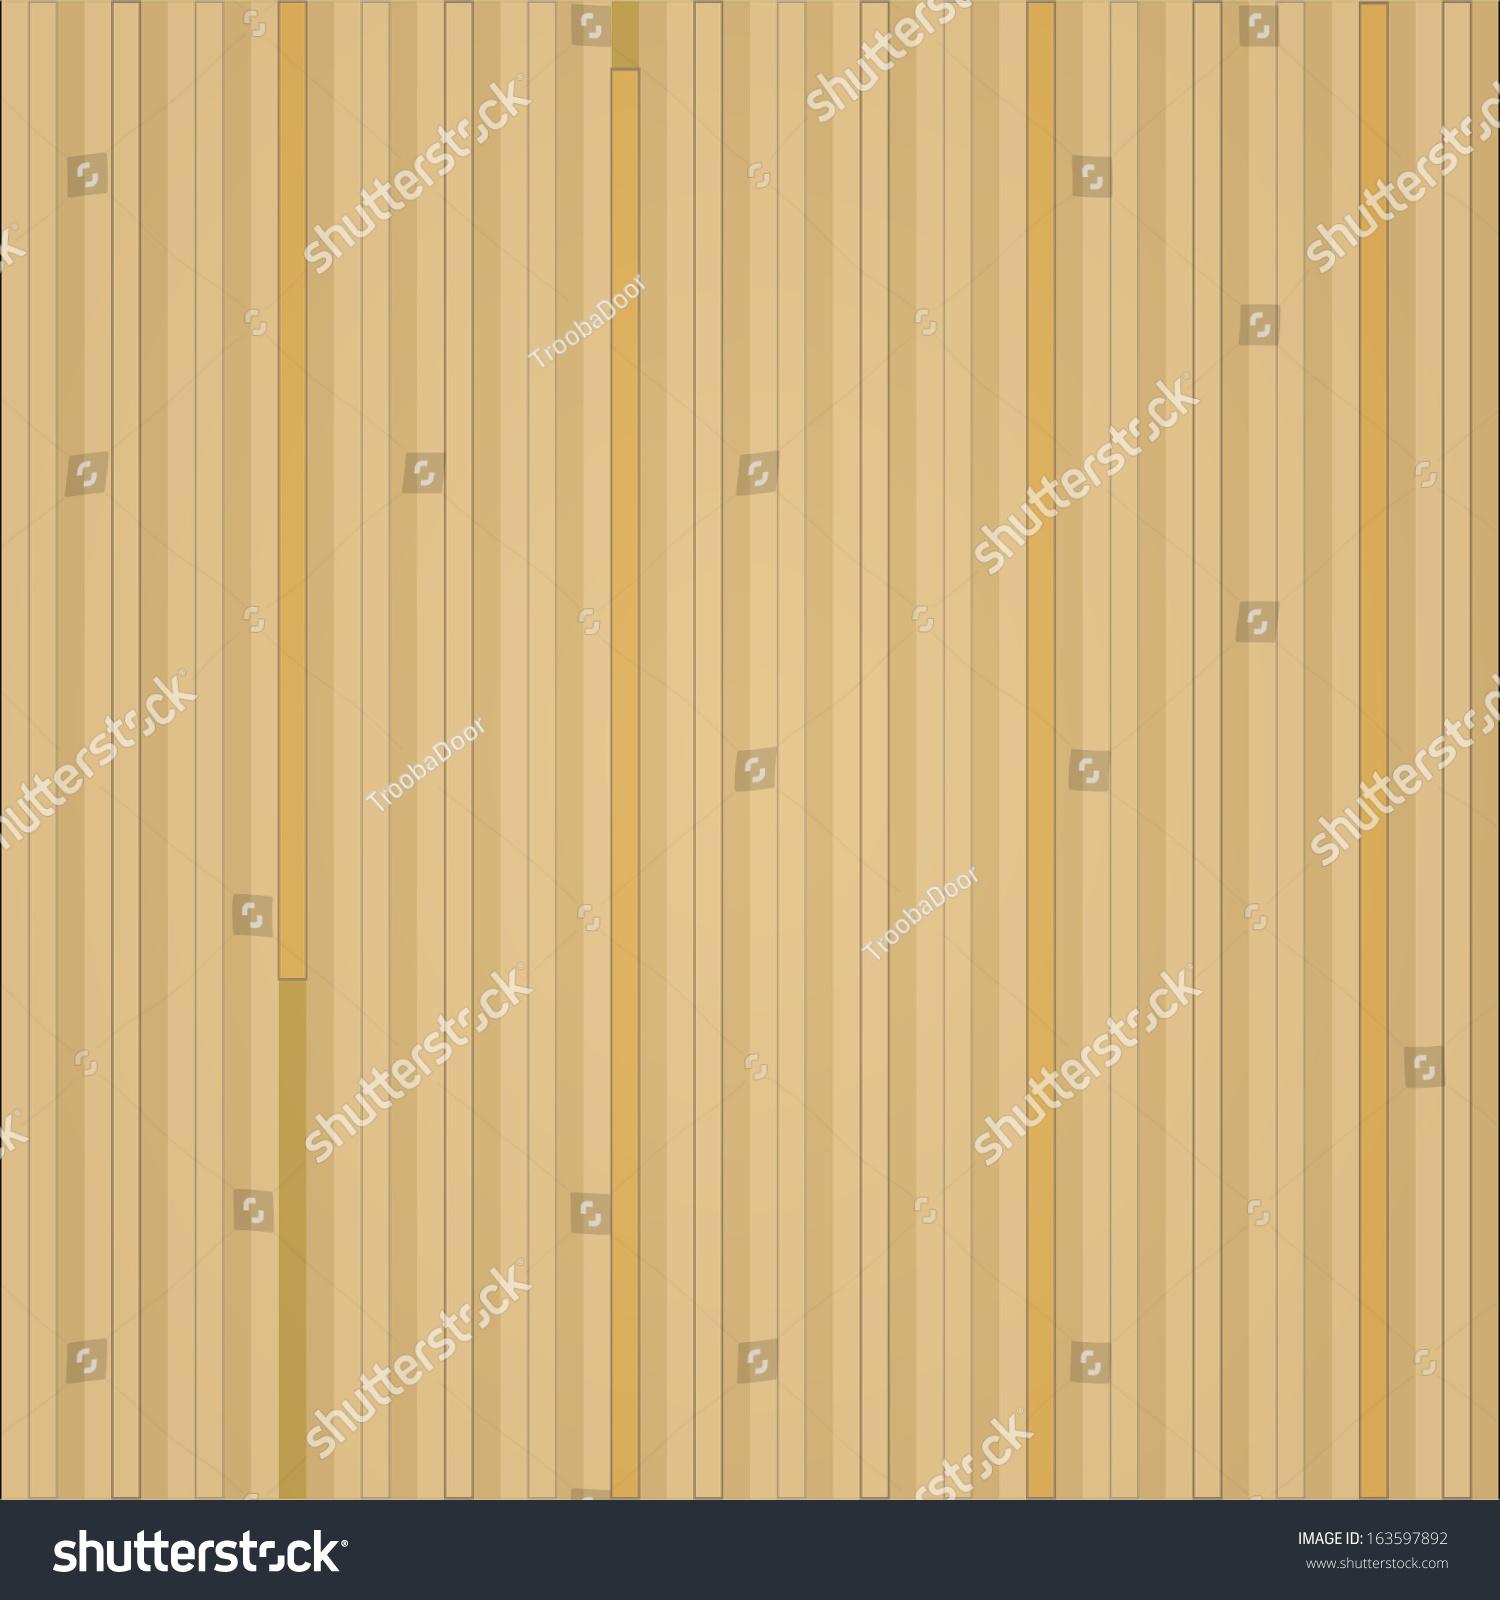 Bowling lane texture